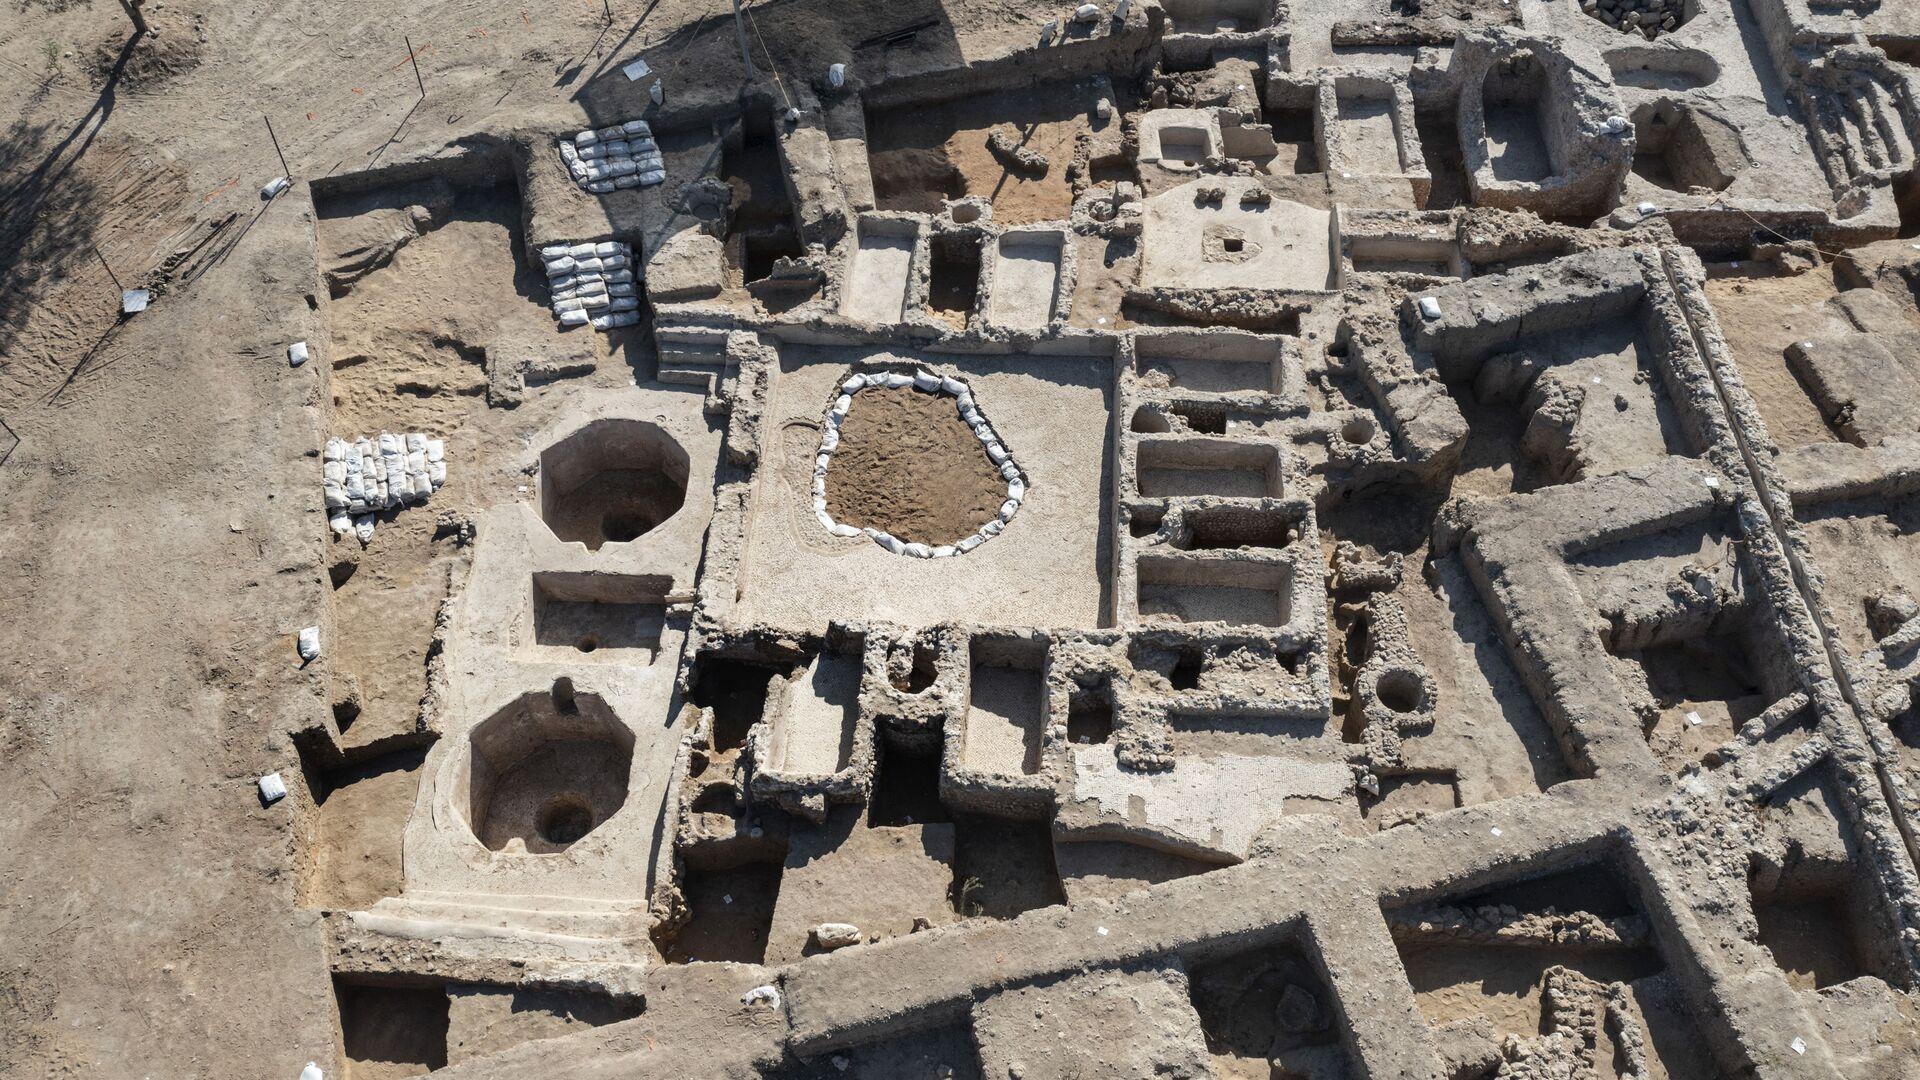 Древний винодельческий комплекс, построенный примерно 1500 лет назад в Явне, Израиль - Sputnik Mundo, 1920, 13.10.2021